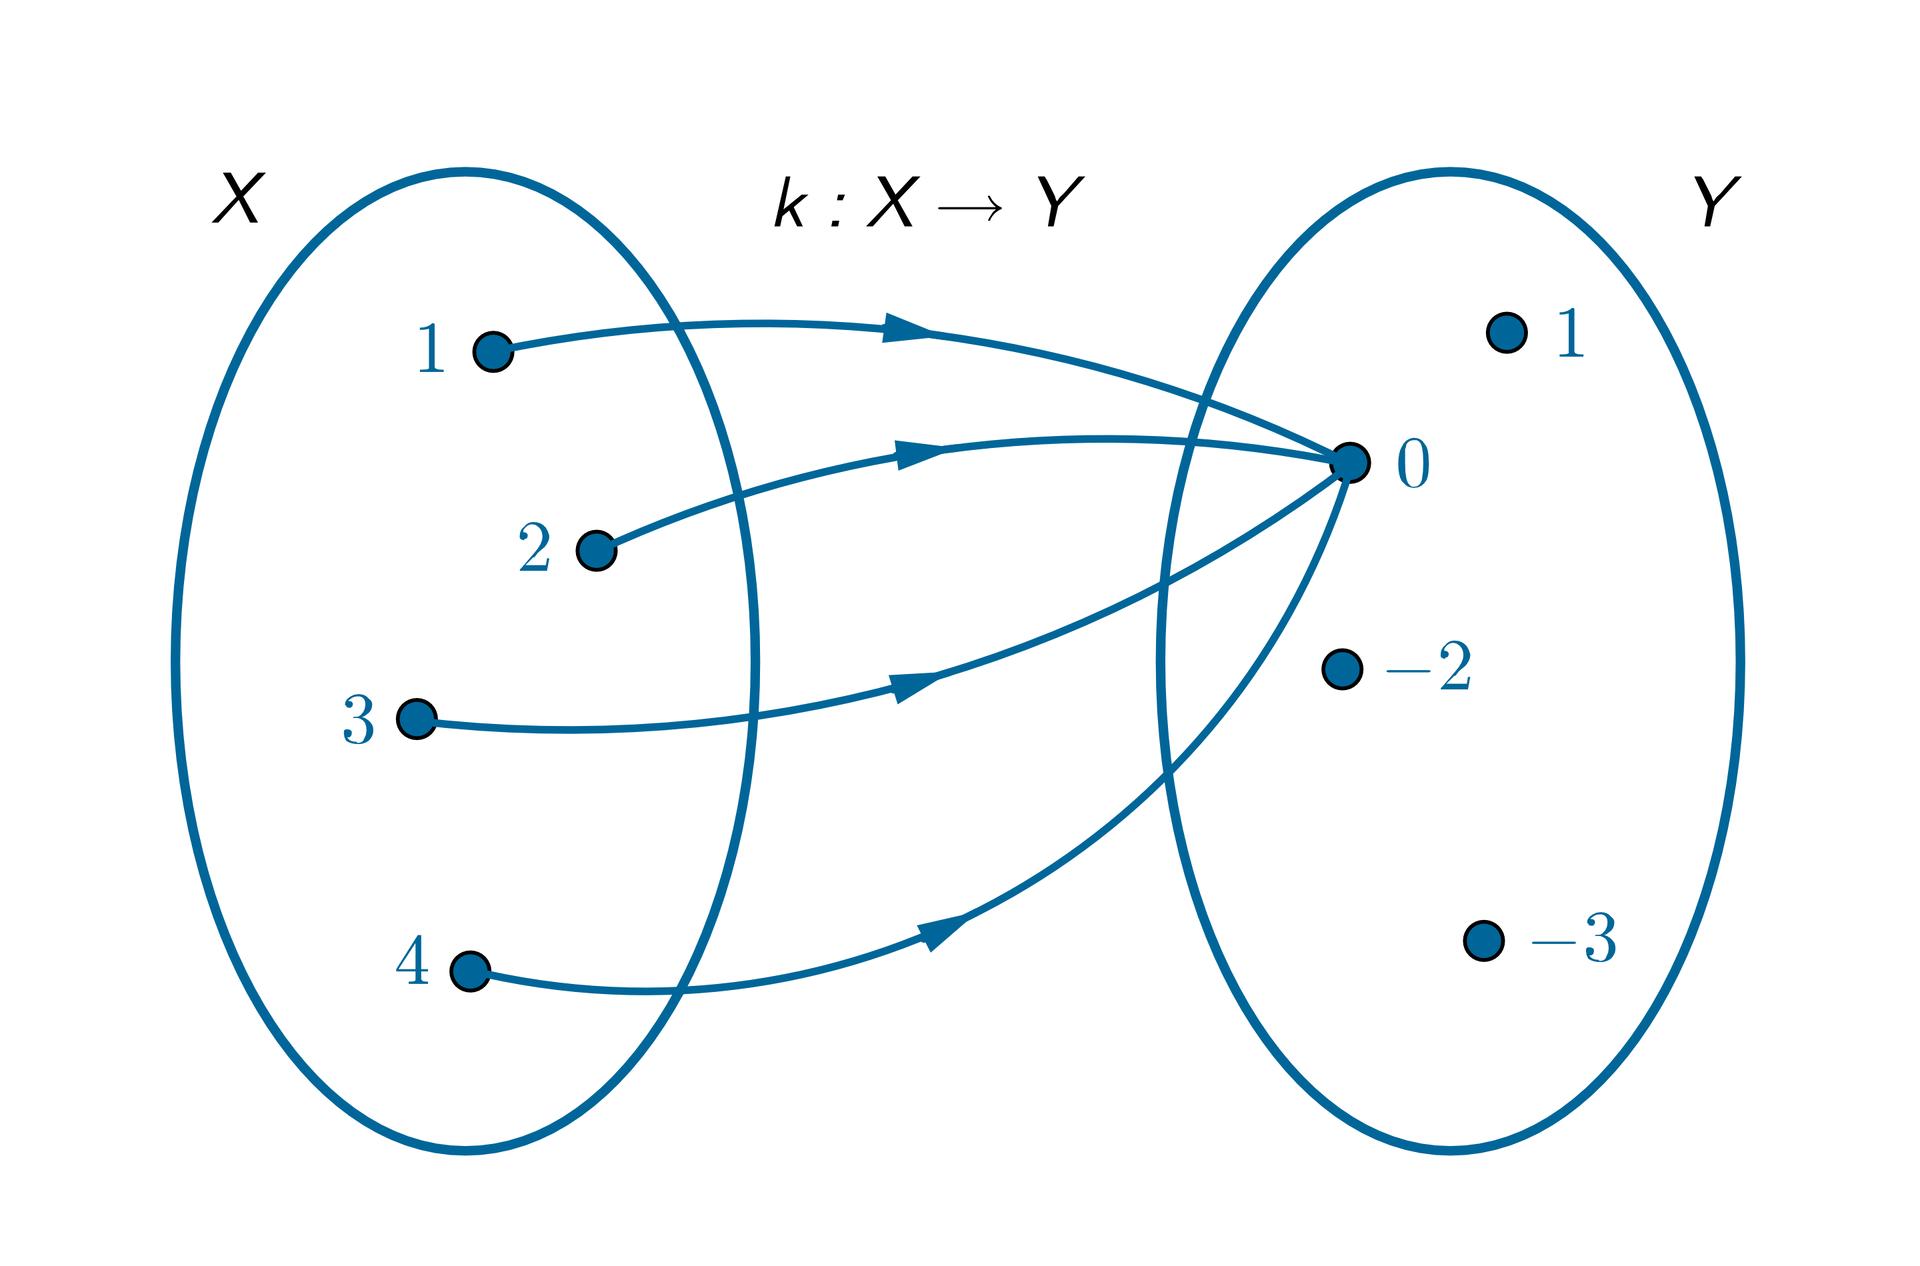 Graf pokazuje przyporządkowanie k: Xstrzałka wprawo Y. Zbiór argumentów funkcji X={1, 2, 3, 4}. Zbiór wartości funkcji Y={1, 0, -1, -2}. Argumentom 1, 2, 3, 4 przyporządkowano wartość 0.